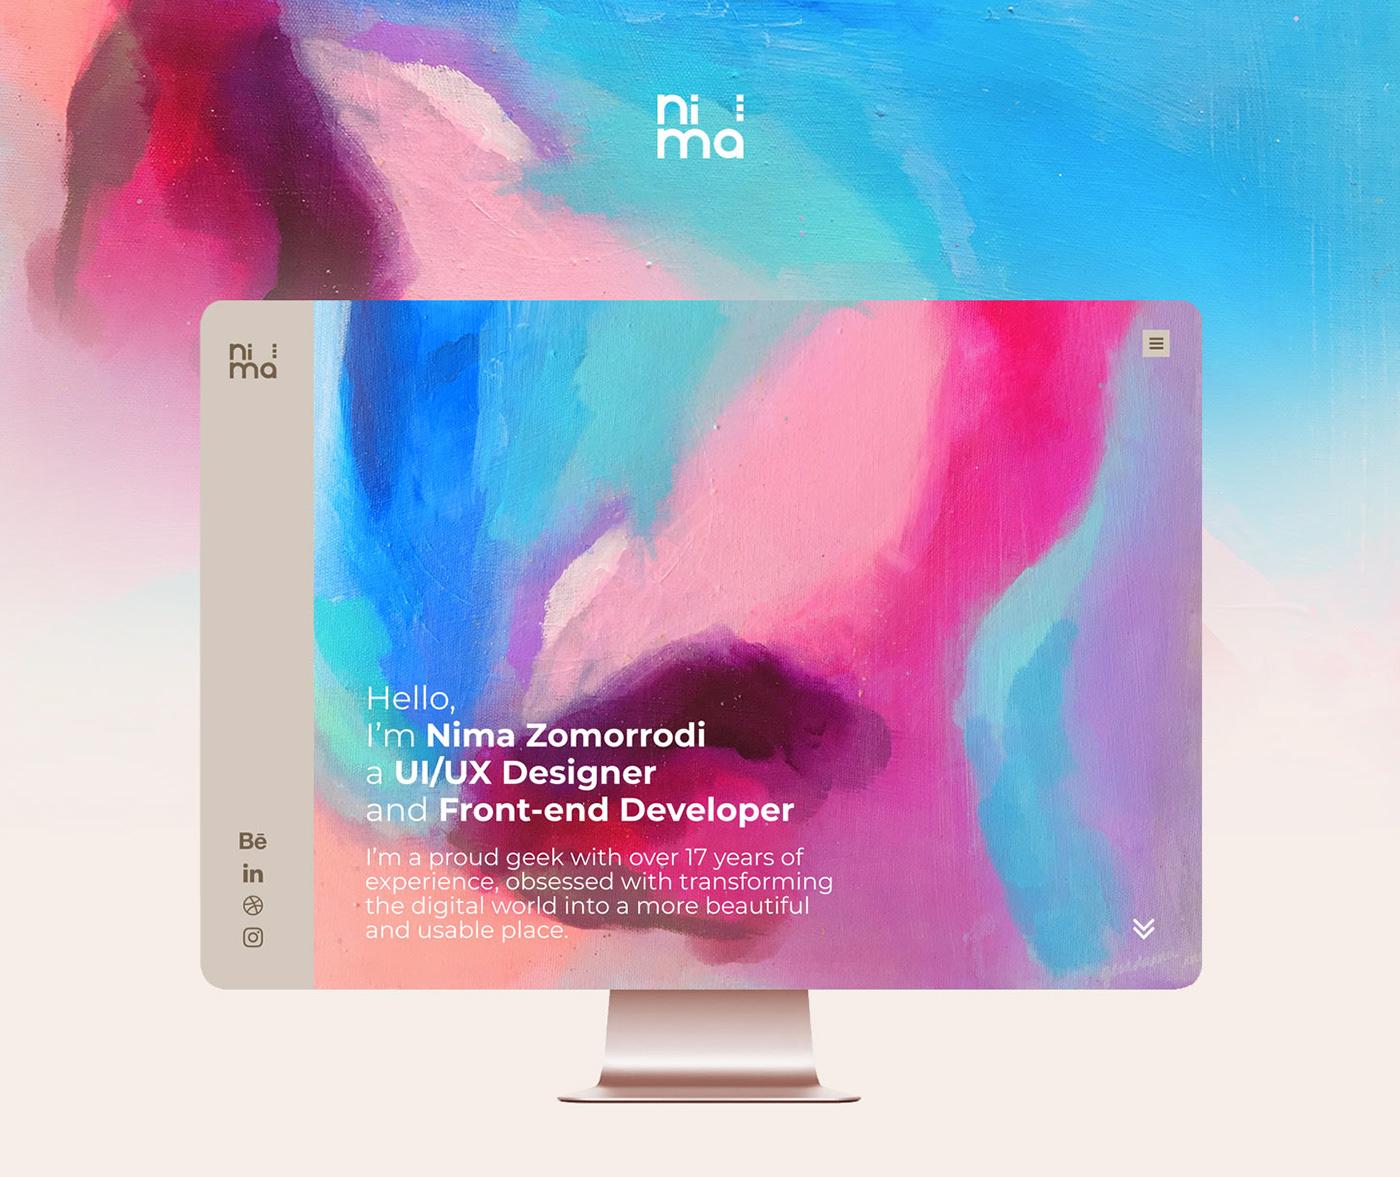 UI ux UI/UX Webdesign personal PersonalWebsite Nima zomorrodi nimazomorrodi watercolor